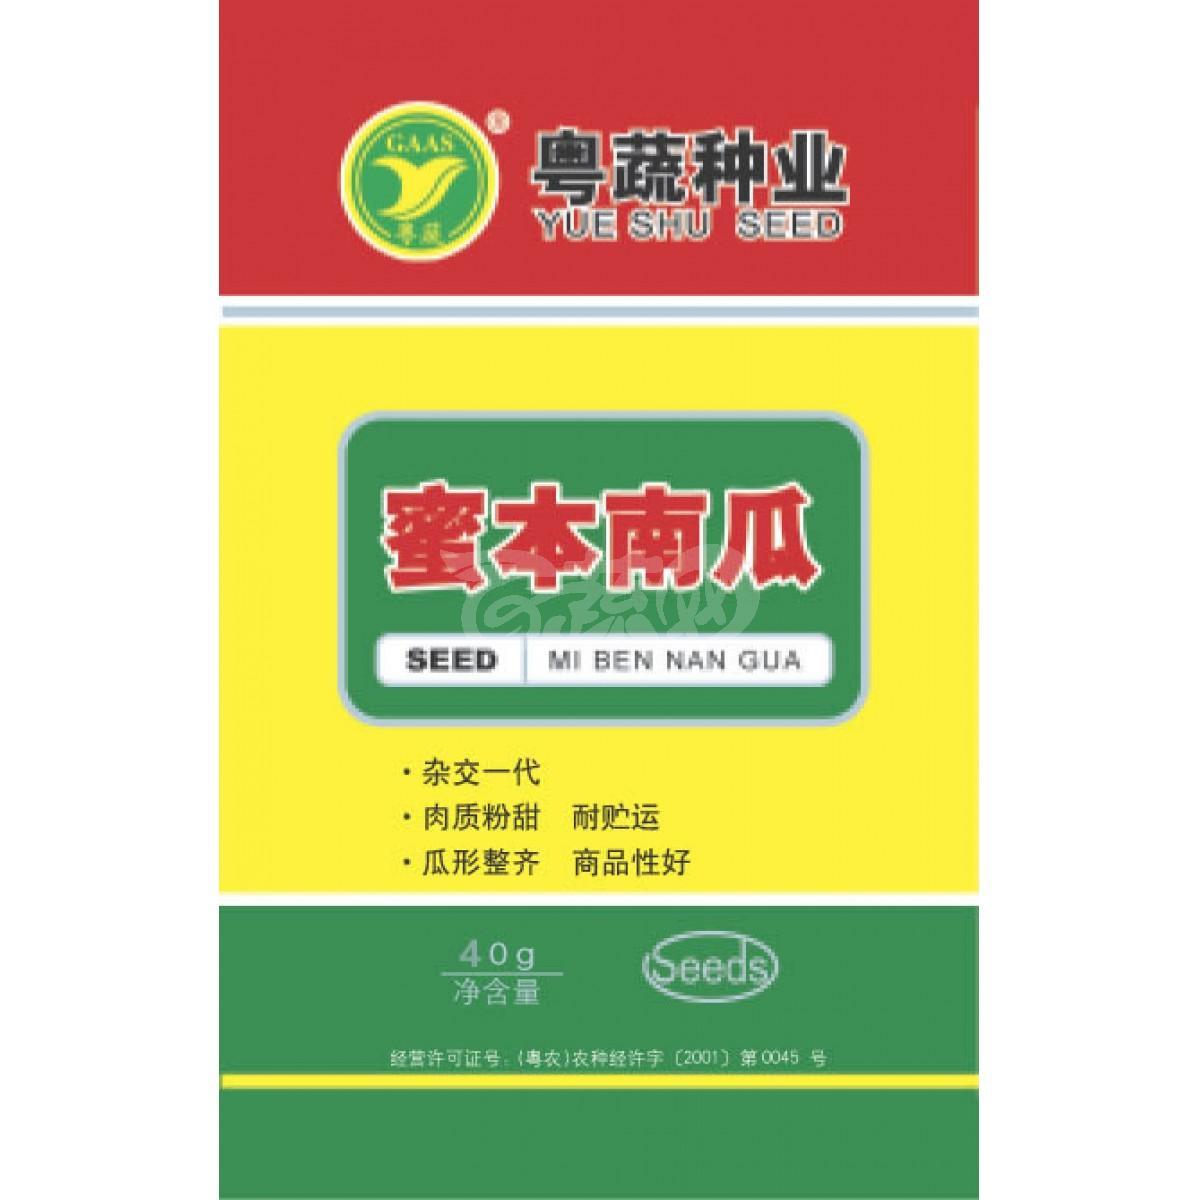 广东粤蔬 蜜本南瓜种子 广东农科院选育 早中熟 耐贮运 亩产2500公斤 南瓜种子 40克/罐